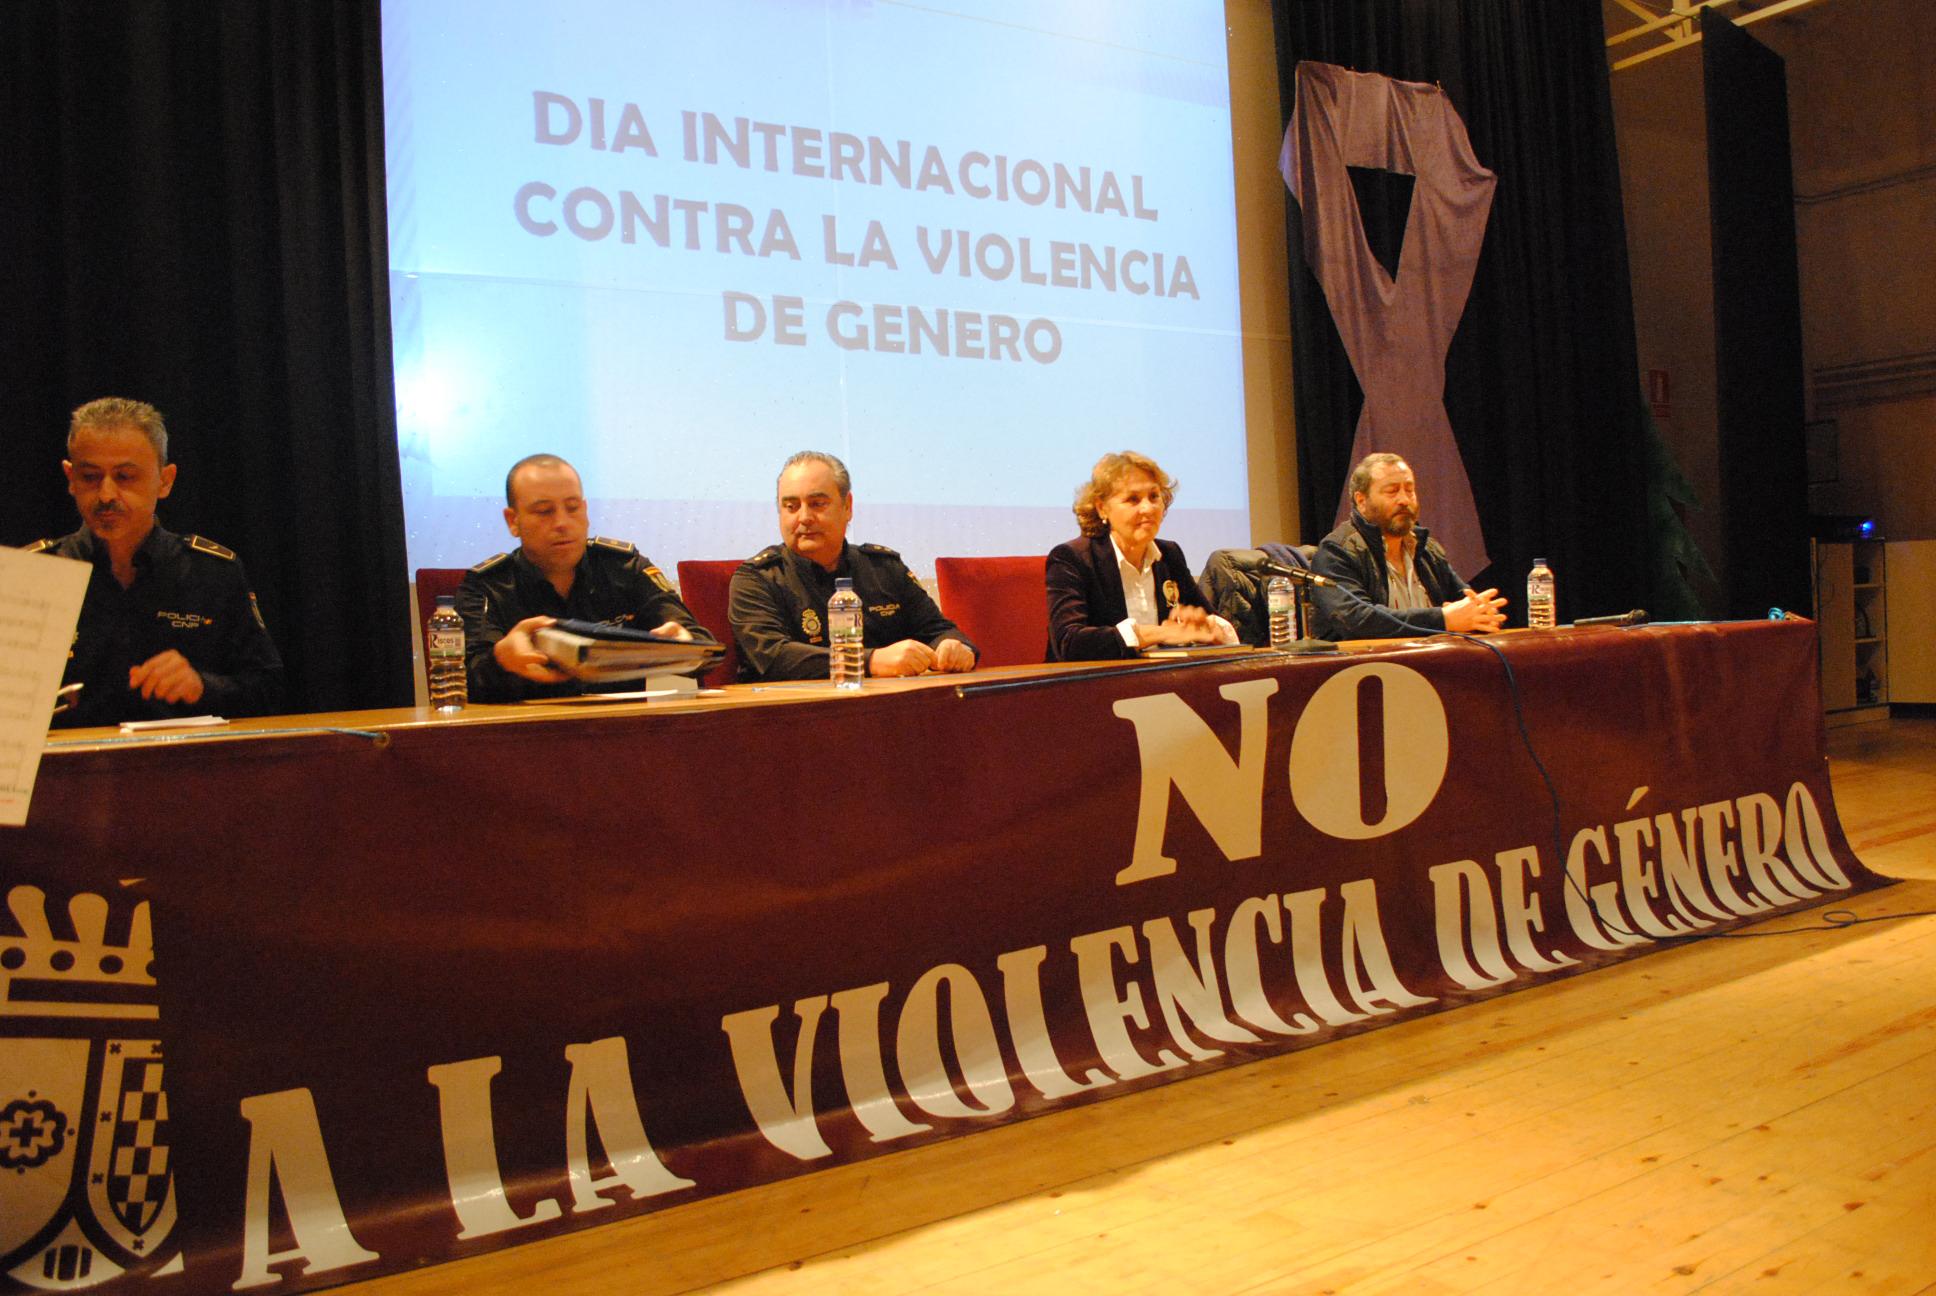 El acto contra la violencia de género reúne en Valdepeñas a 300 jóvenes para hacerles reflexionar